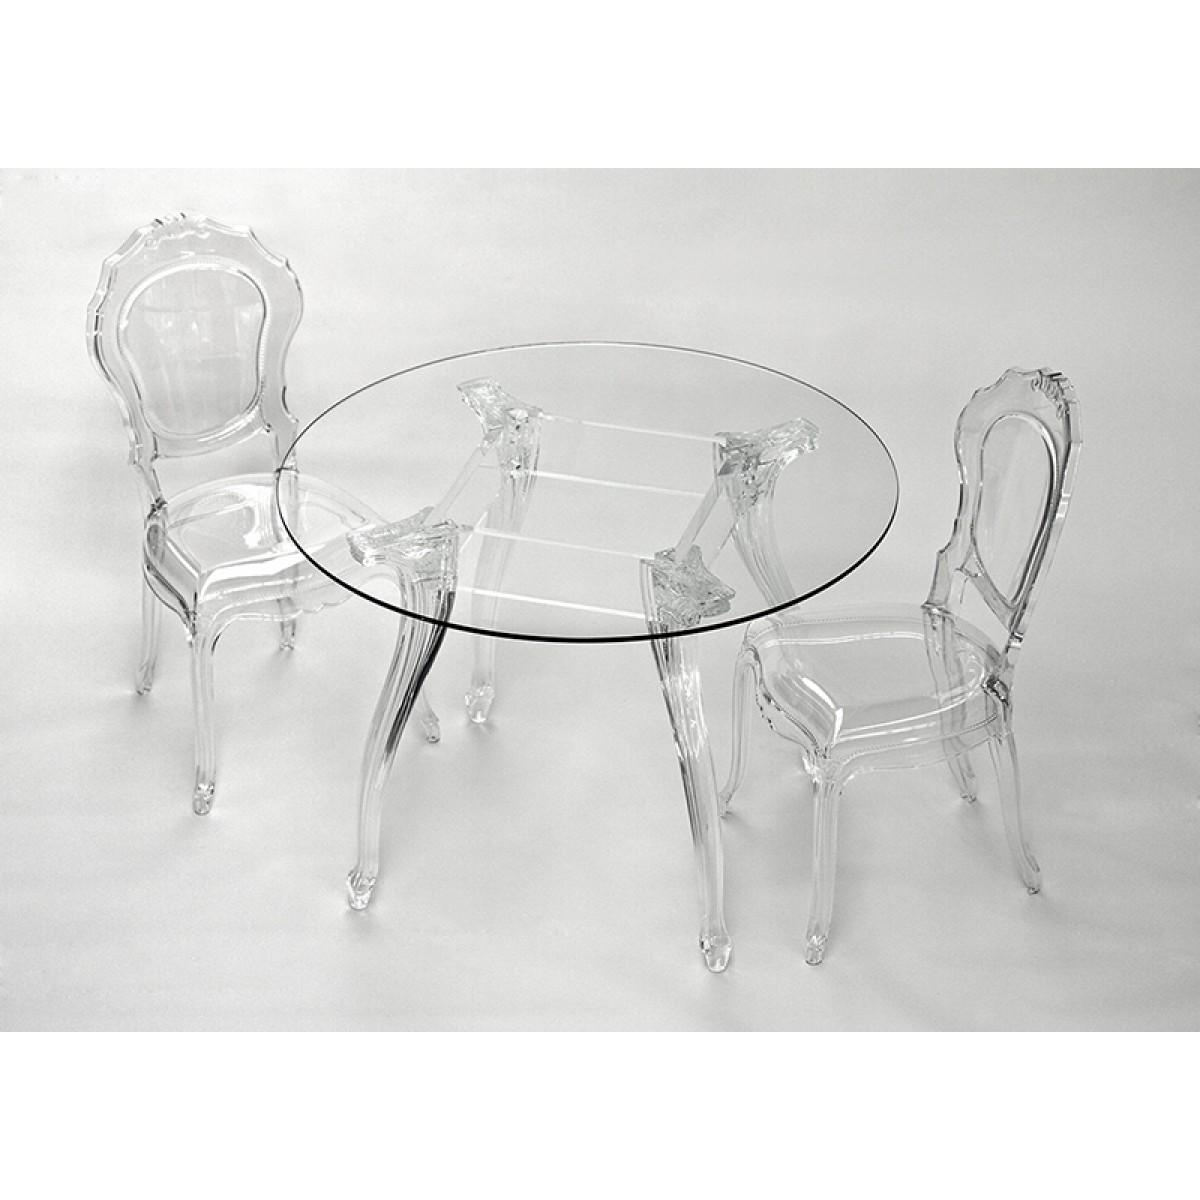 tisch rund glas und policarbonat esstisch rund barock tischplatte glas durchmesser 100 cm. Black Bedroom Furniture Sets. Home Design Ideas